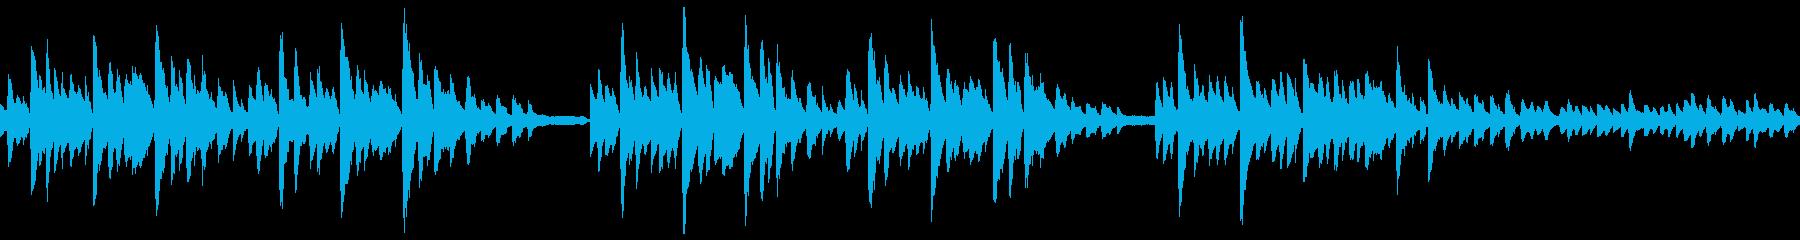 ピアノ独奏のバラードの再生済みの波形